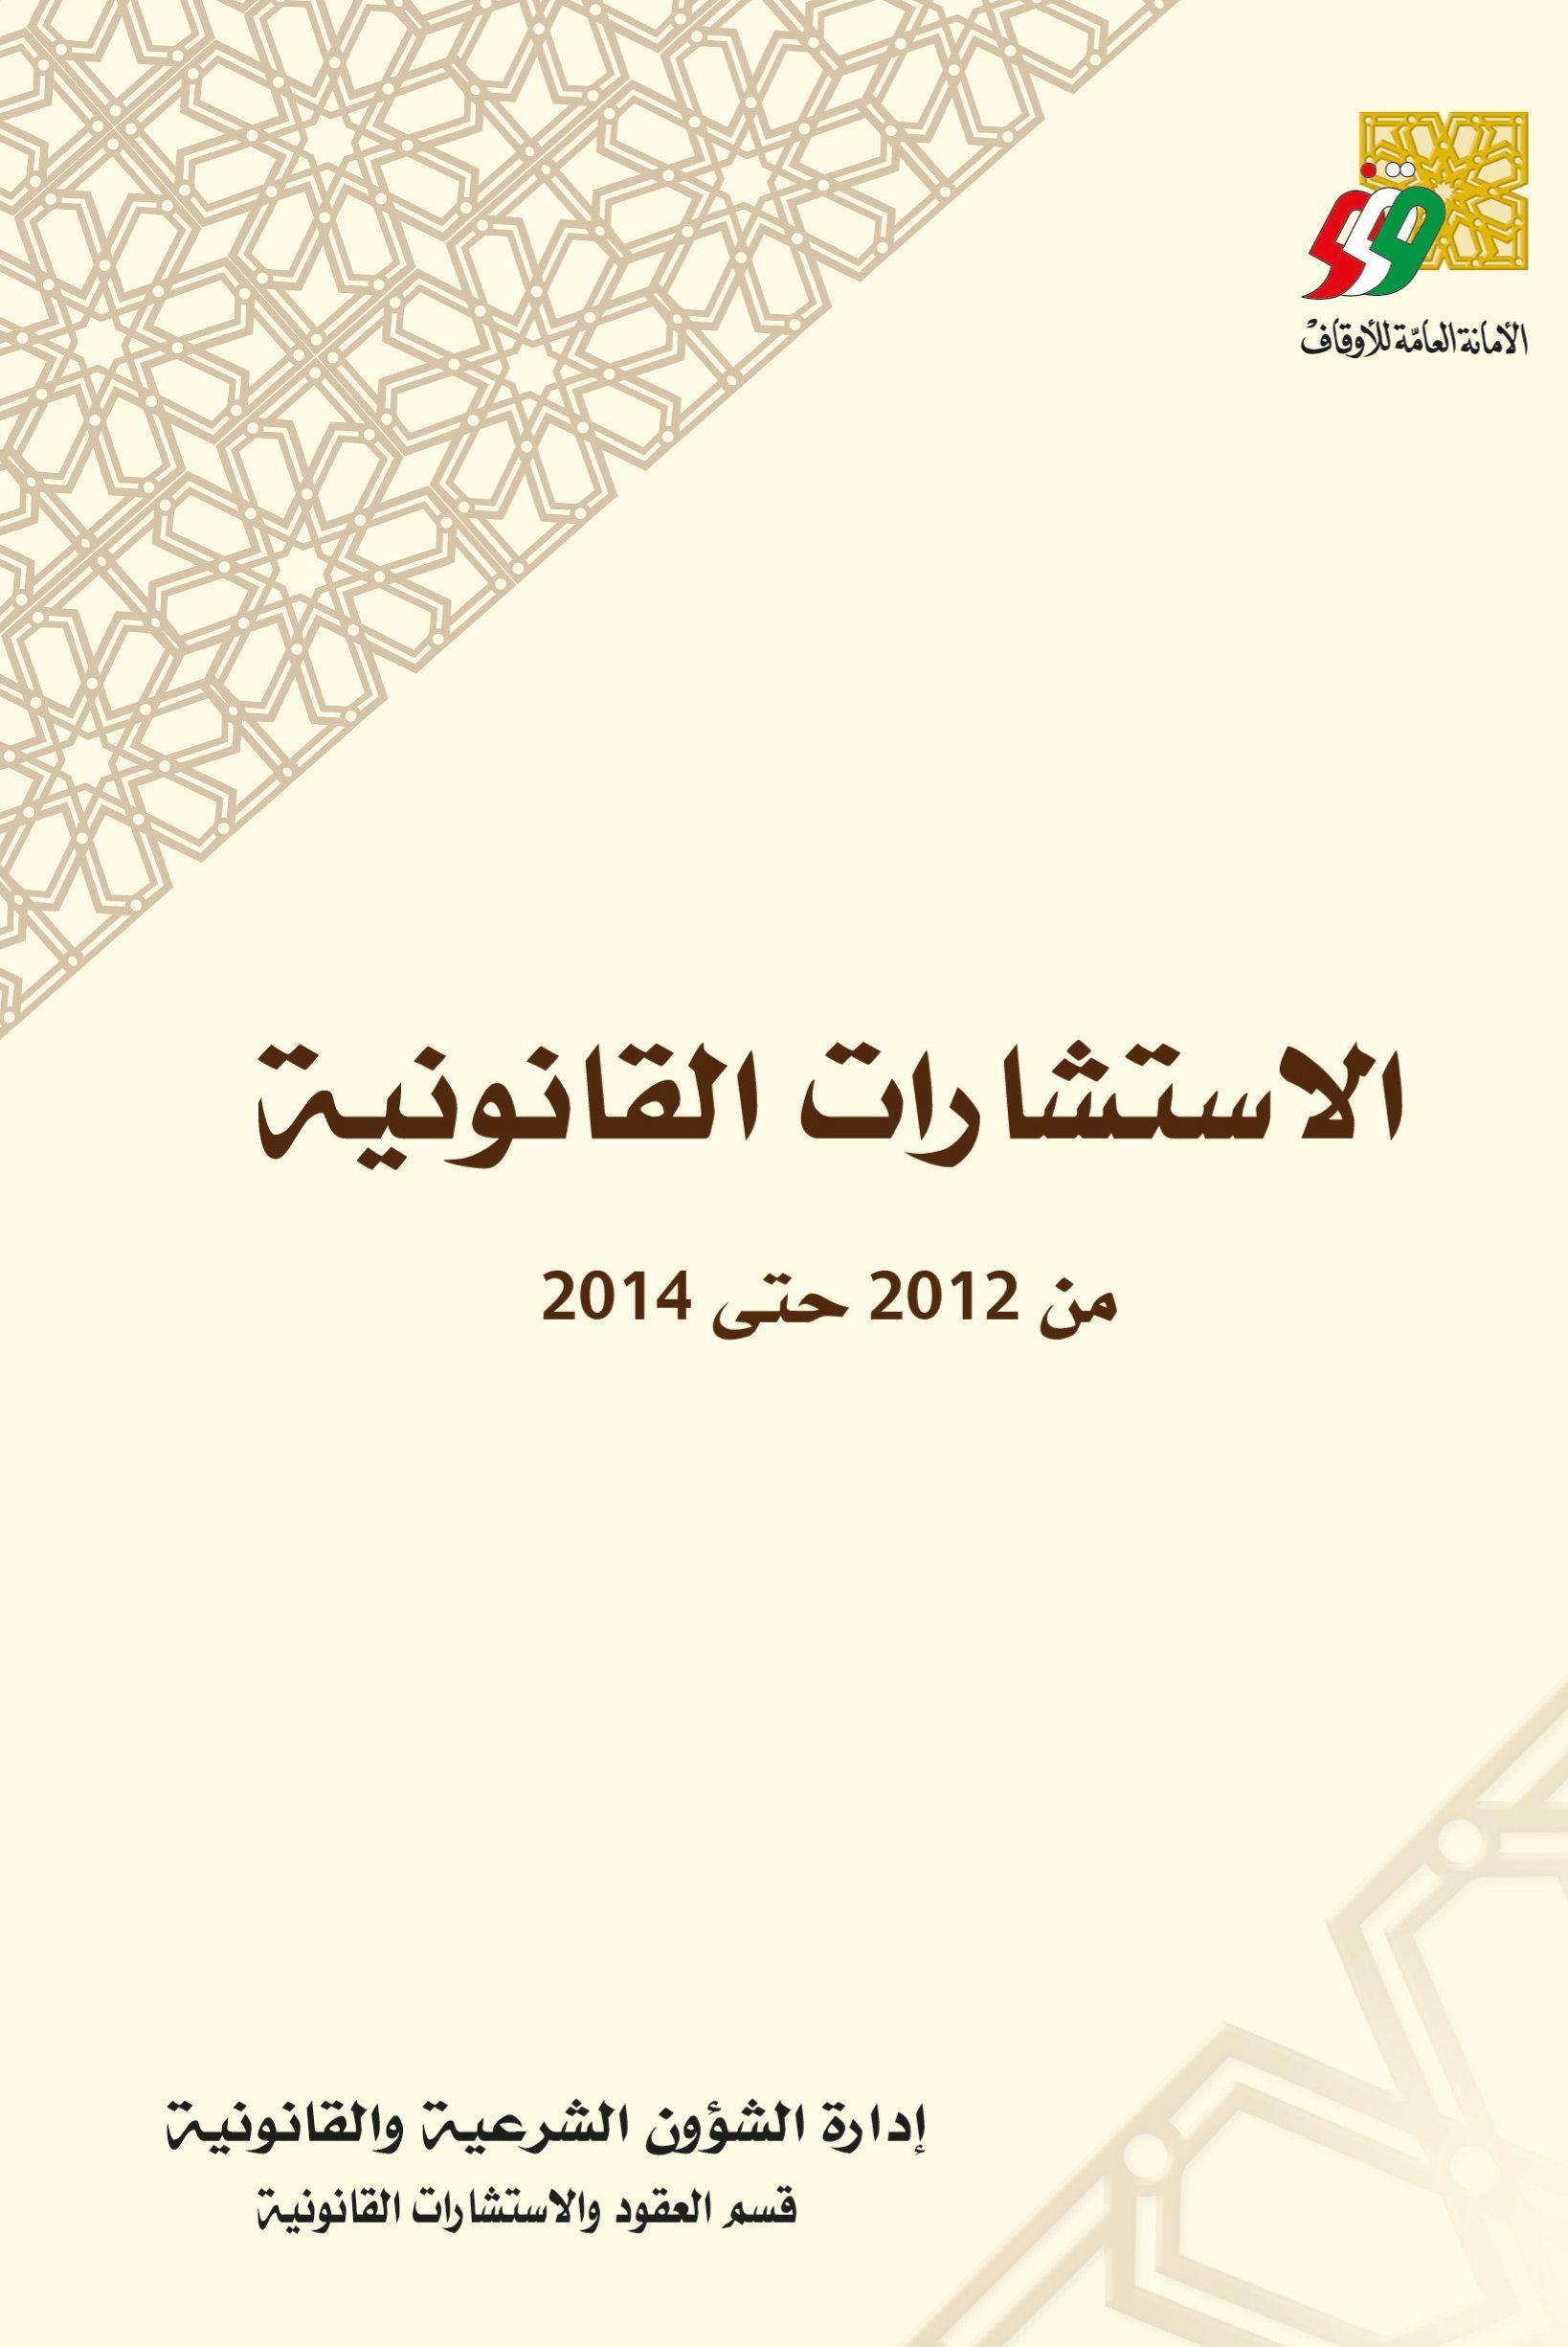 الاستشارات القانونية من 2012 حتى 2014